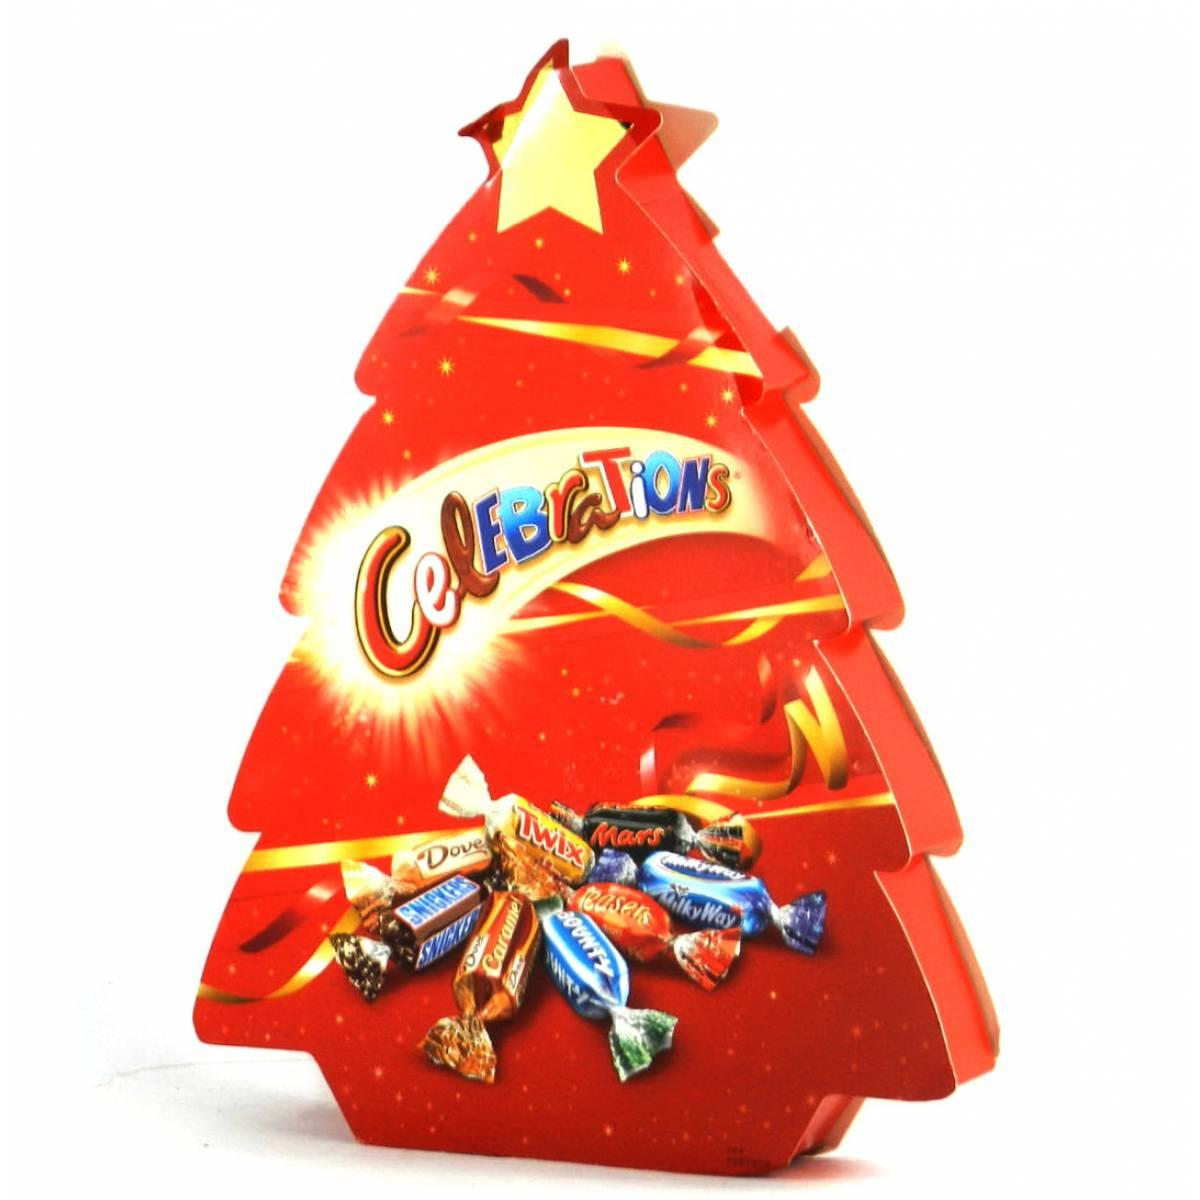 Шоколадные конфеты Celebrations Ёлочка, 215 грамм